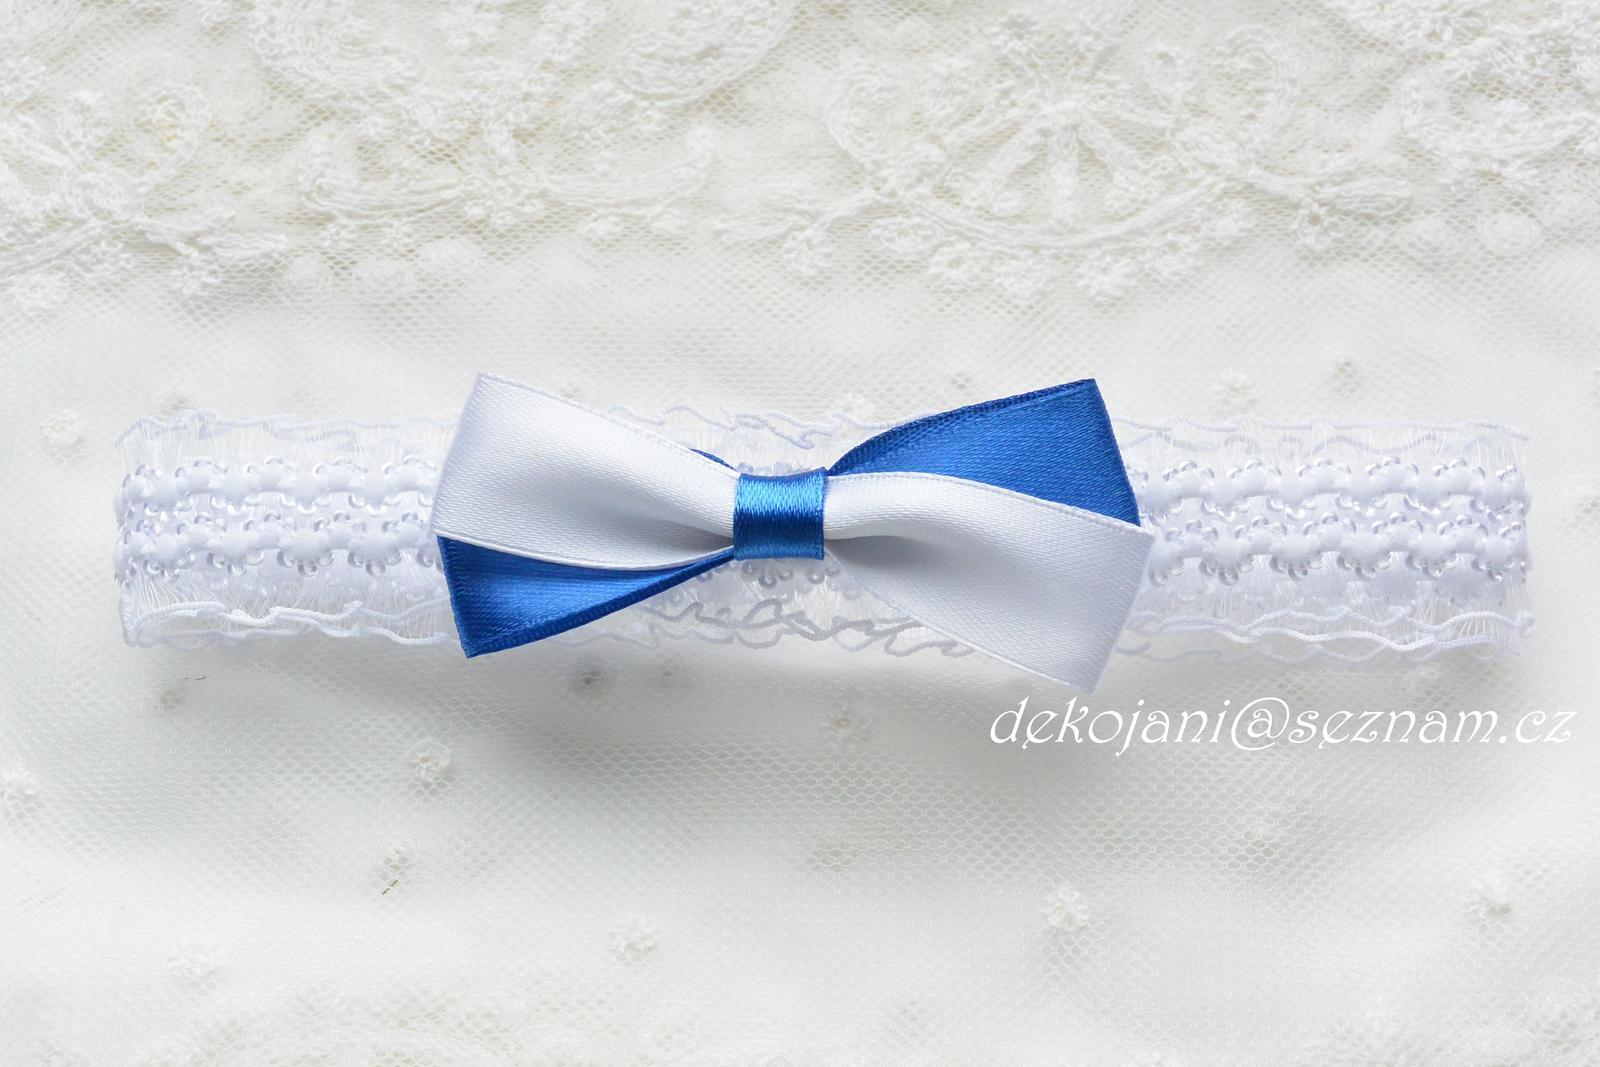 Svatební podvazek - Obrázek č. 1